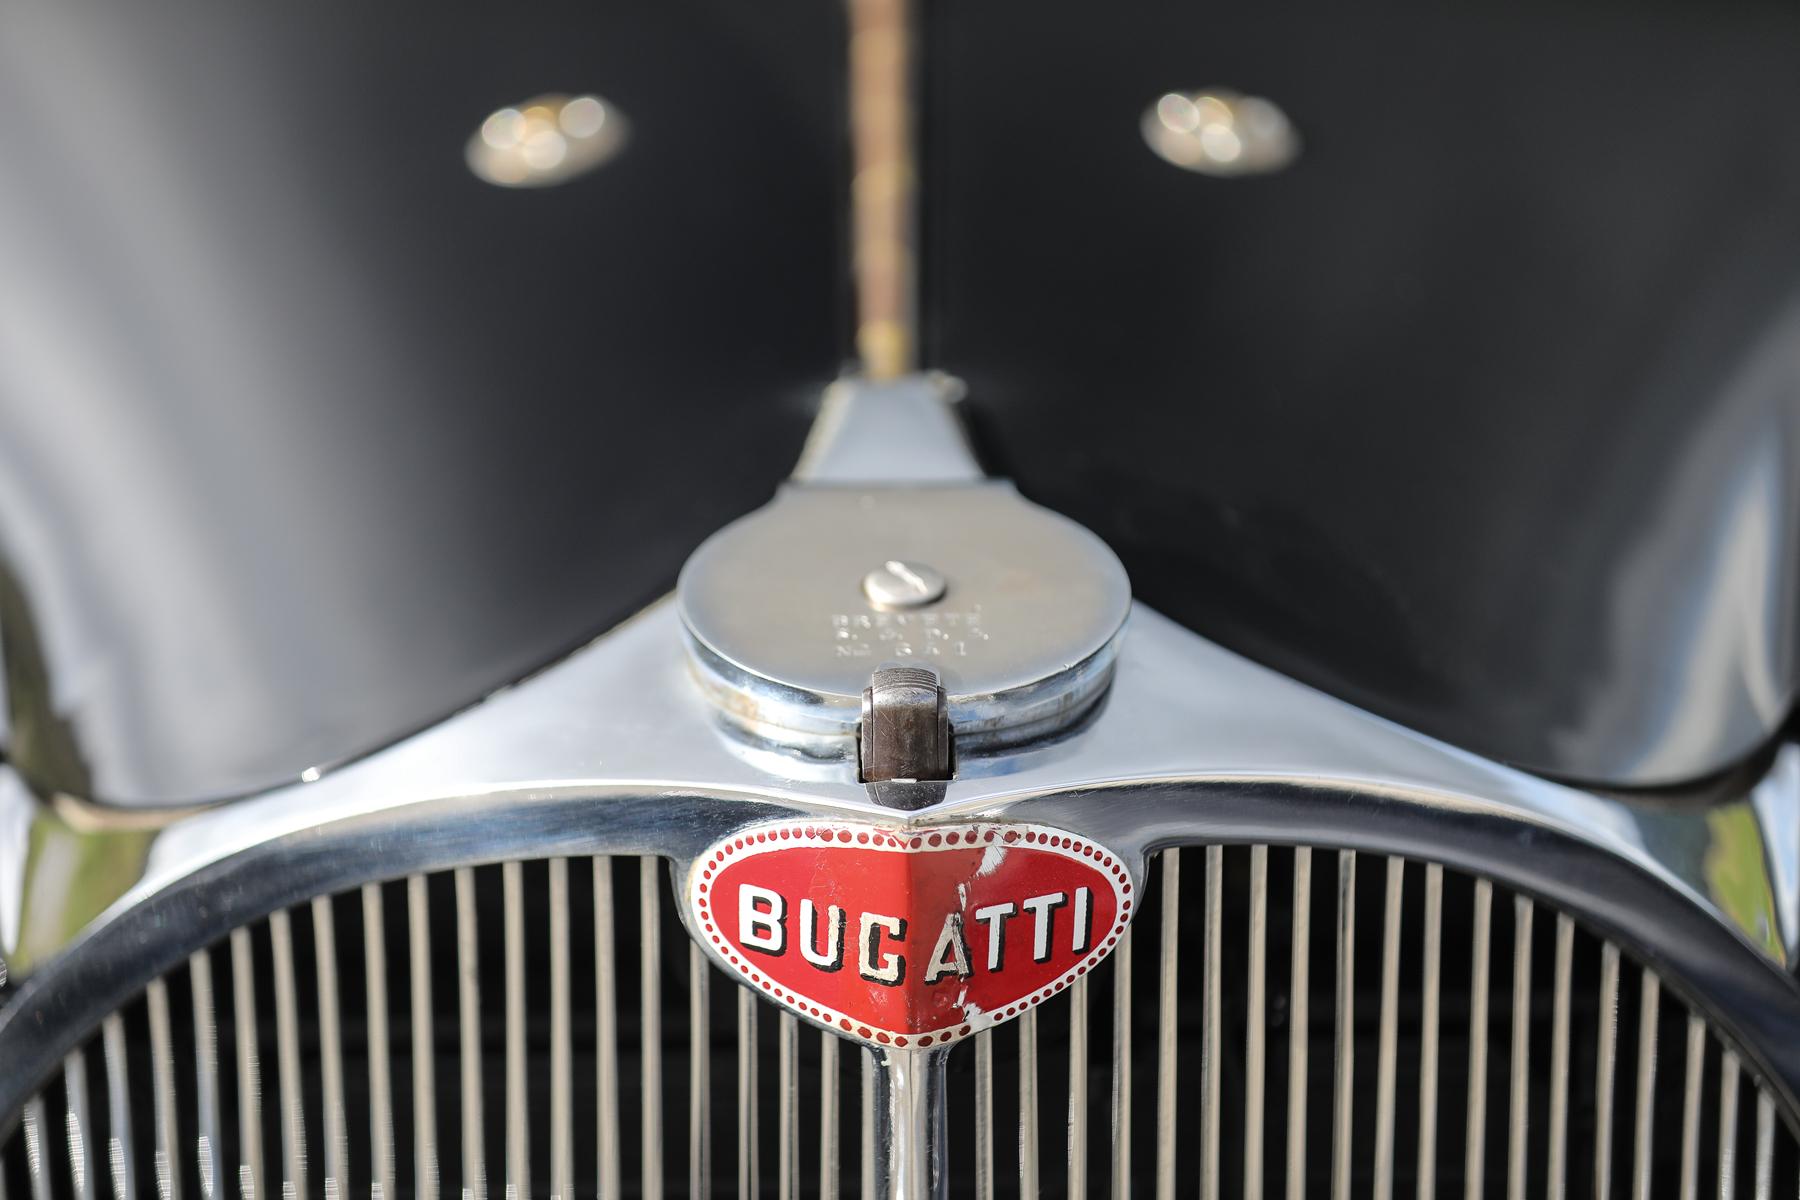 1937 Bugatti Type 57S Atalante front emblem grille detail